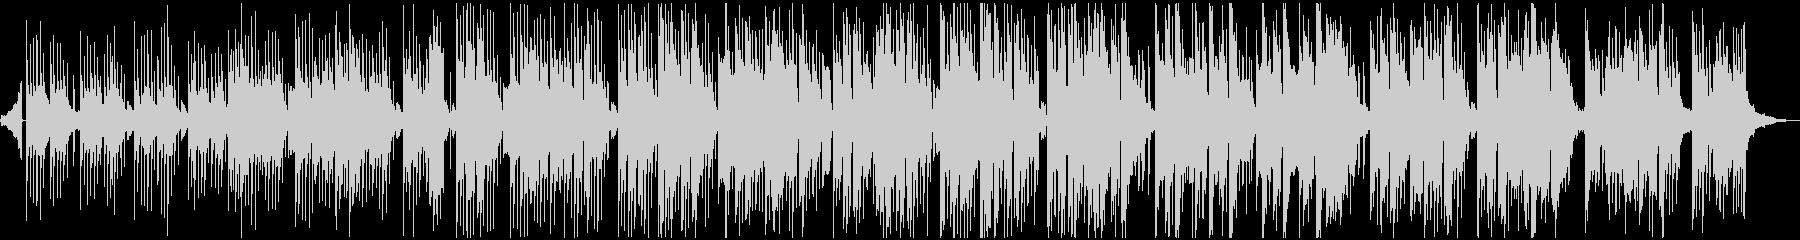 激しくない、優しい音のエレクトロニカ曲の未再生の波形